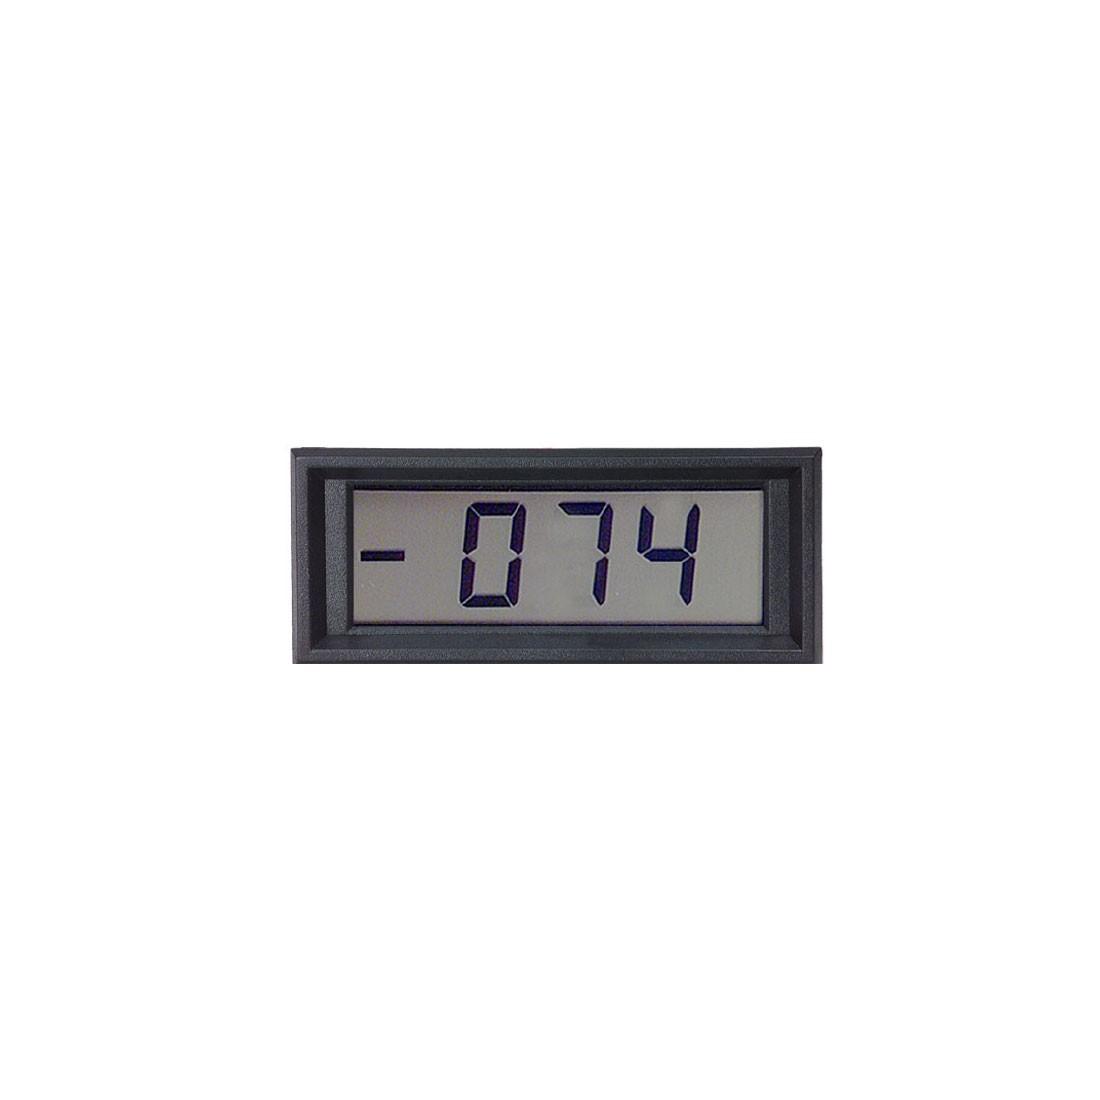 HLPI-J1 Loop Powered LCD Digital Panel Meter